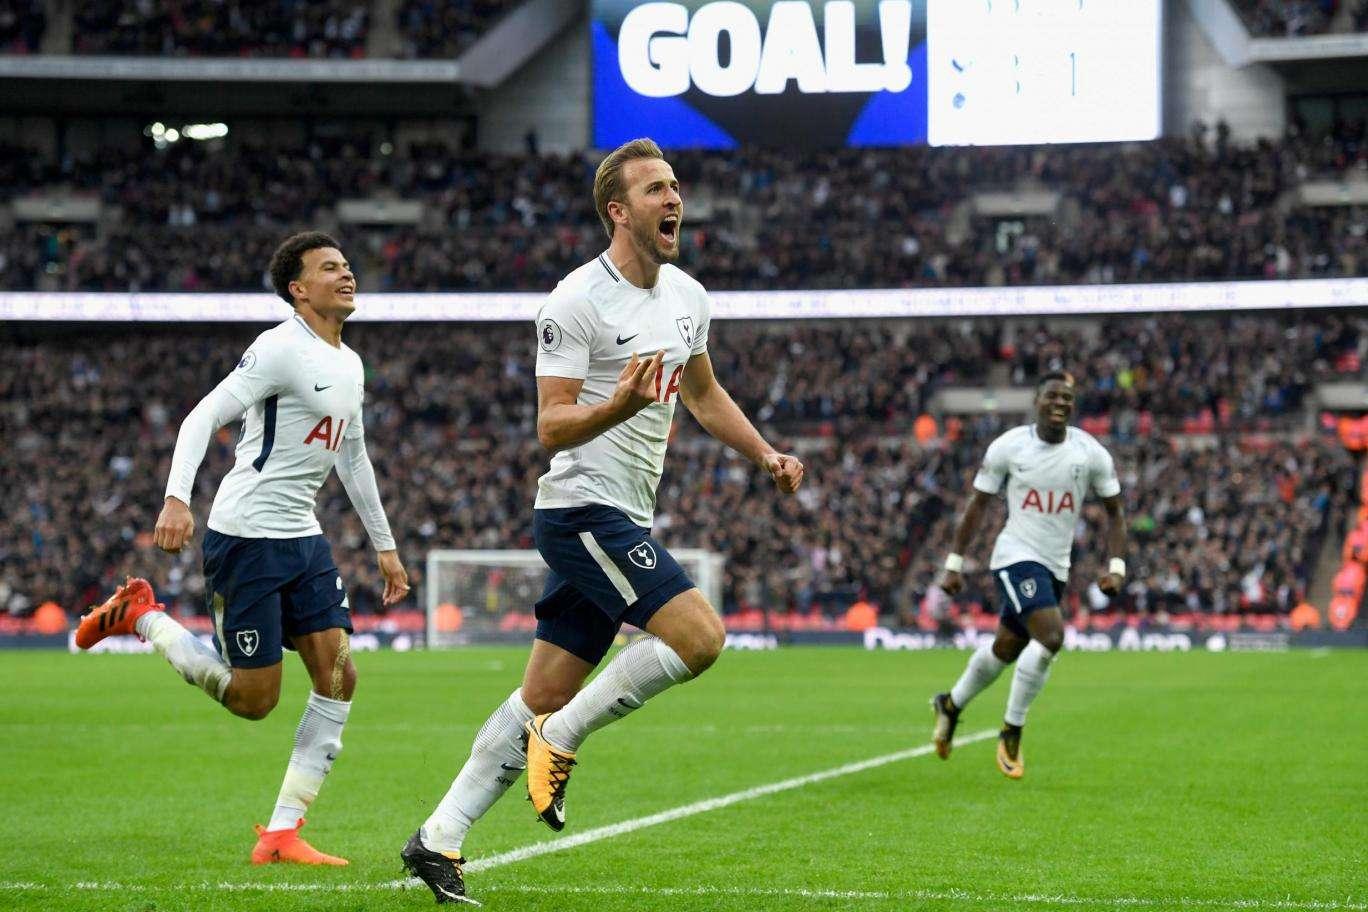 Tottenham cần phải vứt bỏ mặc cảm để vươn lên thách thức danh hiệu Premier League một cách nghiêm túc